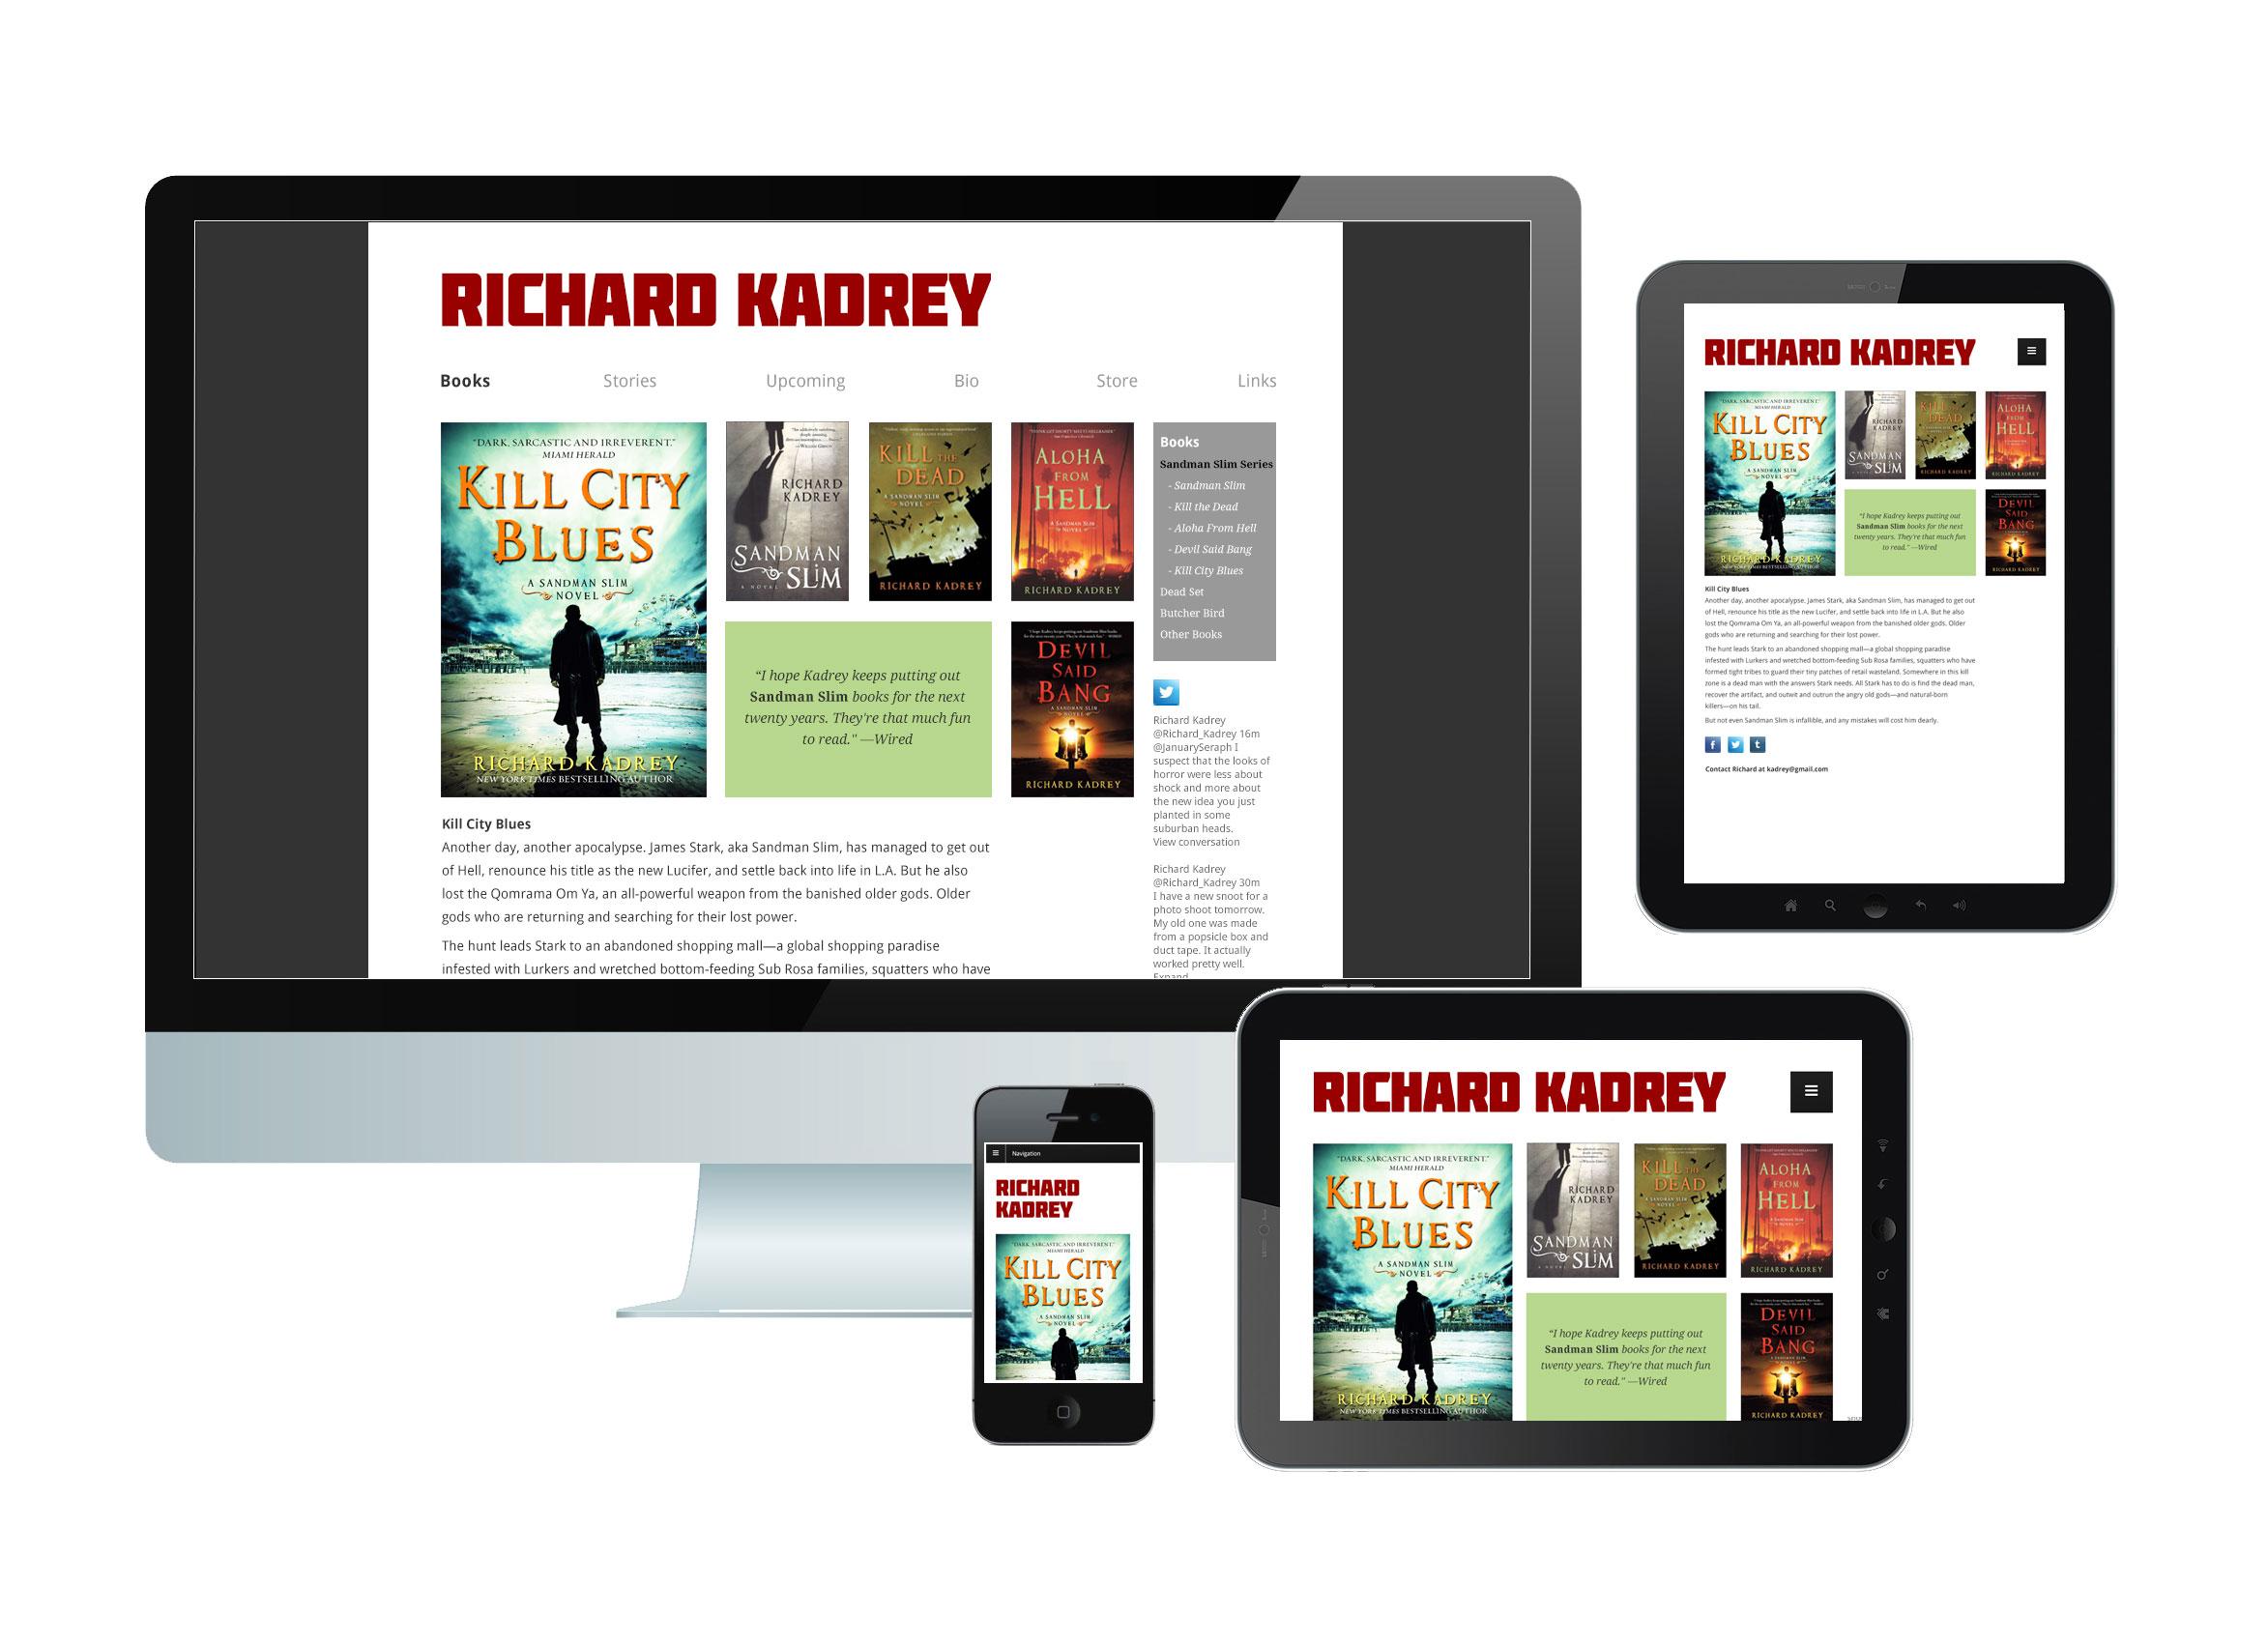 Richard Kadrey website on desktop, tablet and mobile screens